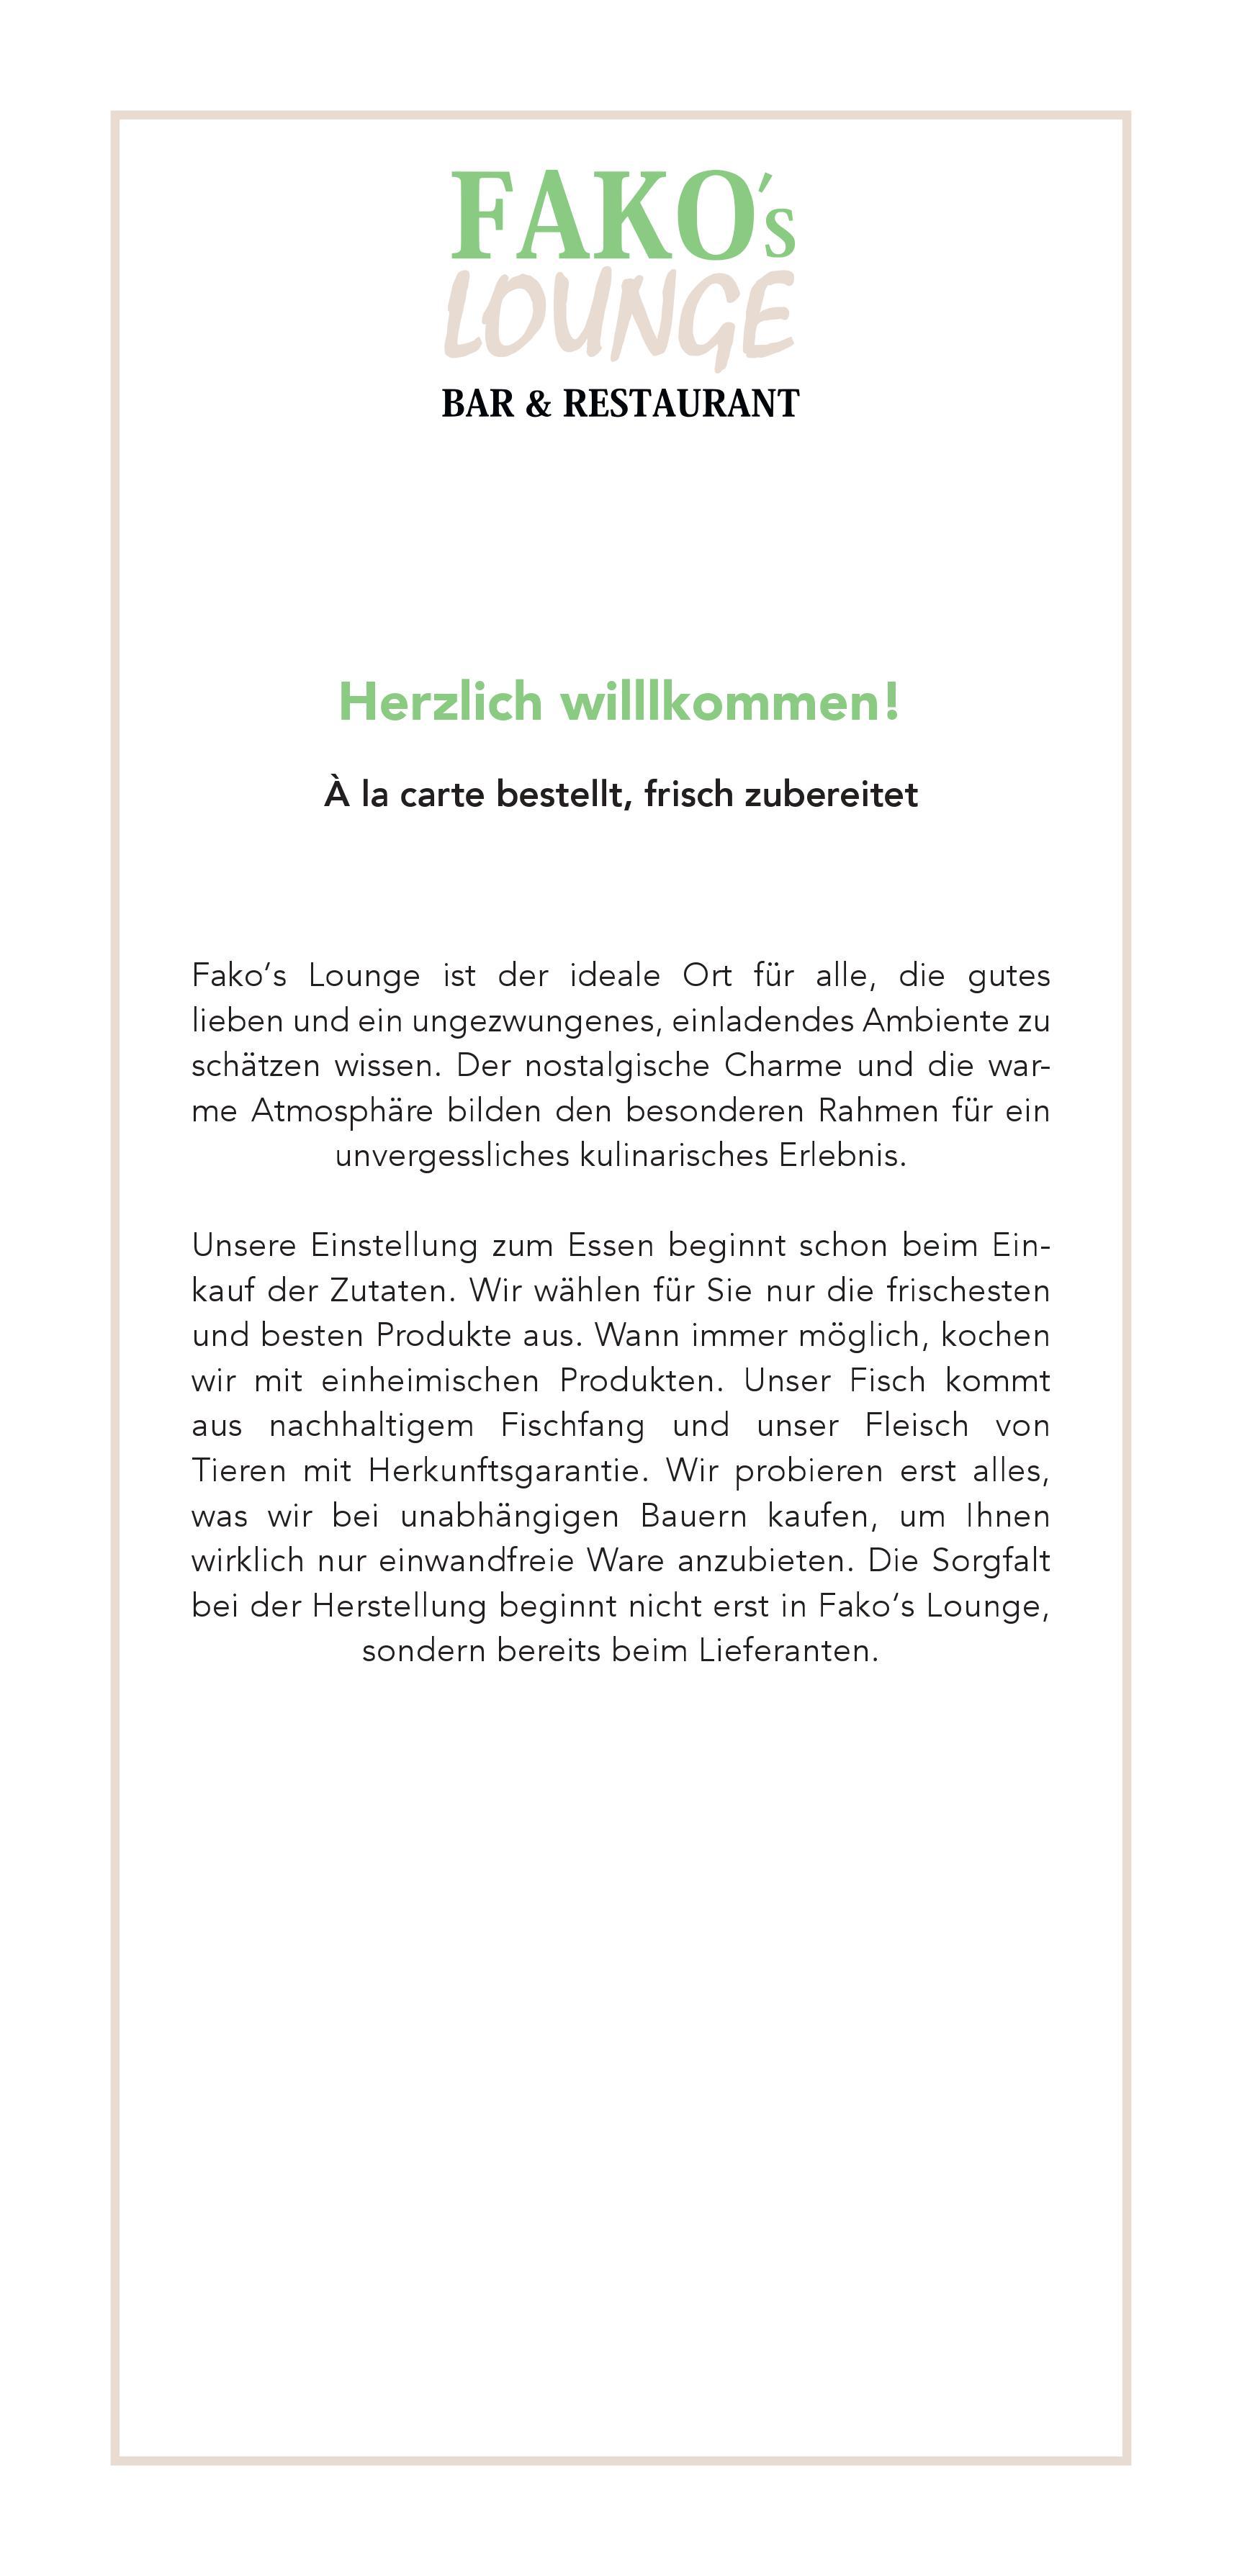 Suppen & Vorspeisen | Fakos Lounge